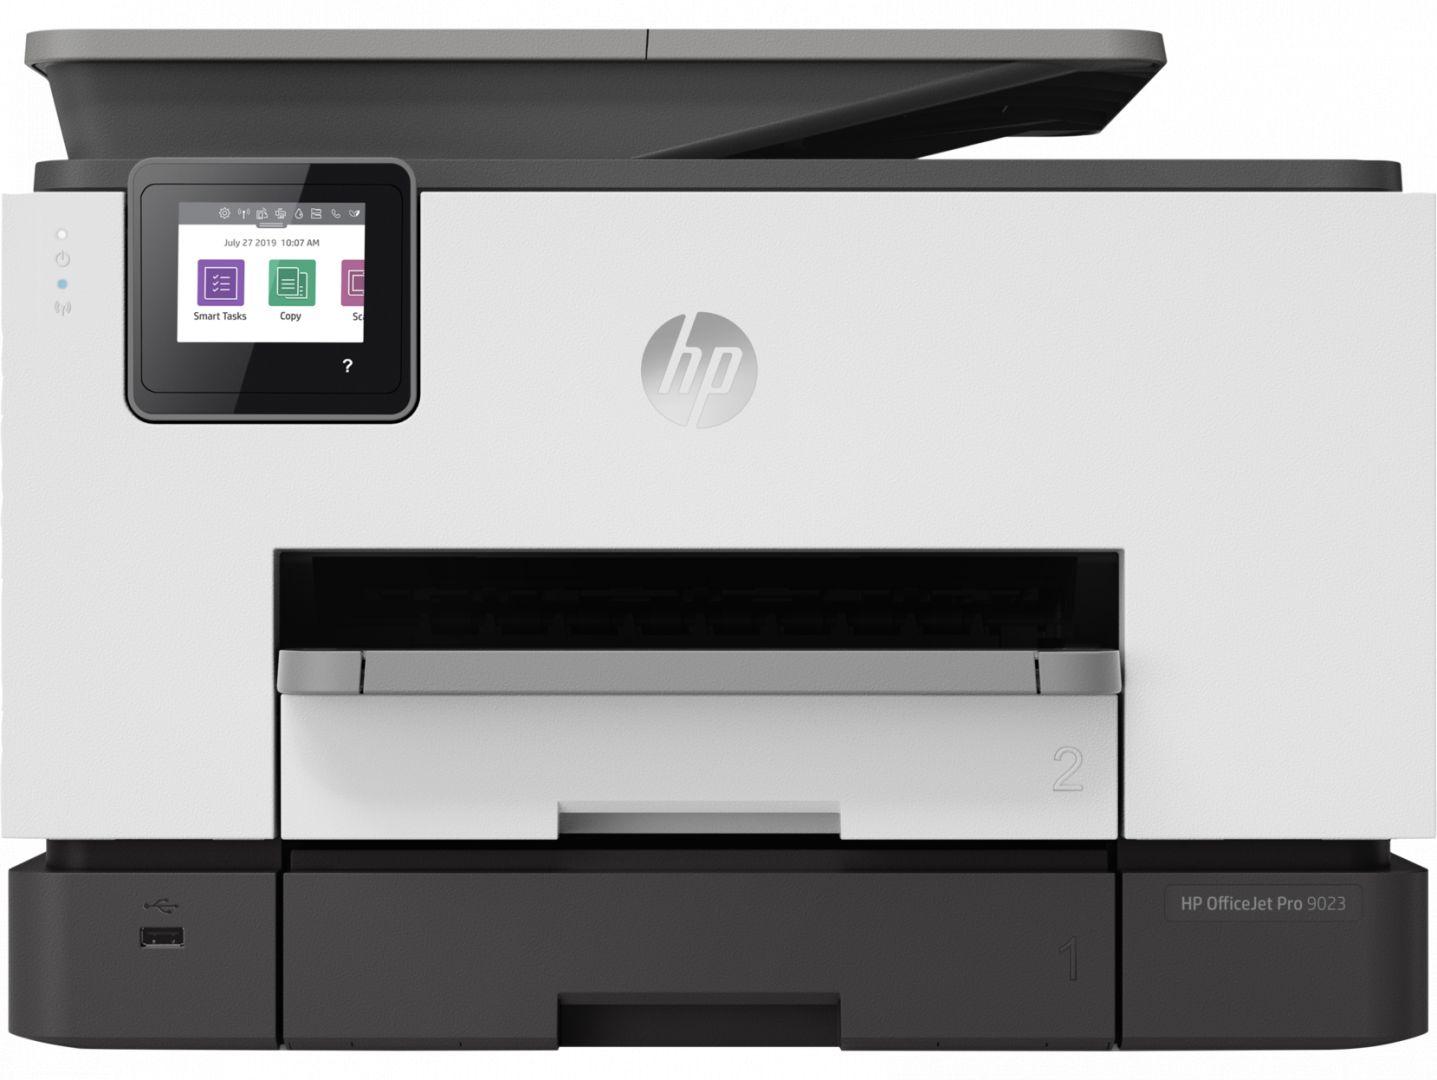 Multifunkciós nyomtató HP Officejet Pro 9023 (1MR70B) wireless tintasugaras nyomtató/másoló/síkágyas scanner/fax